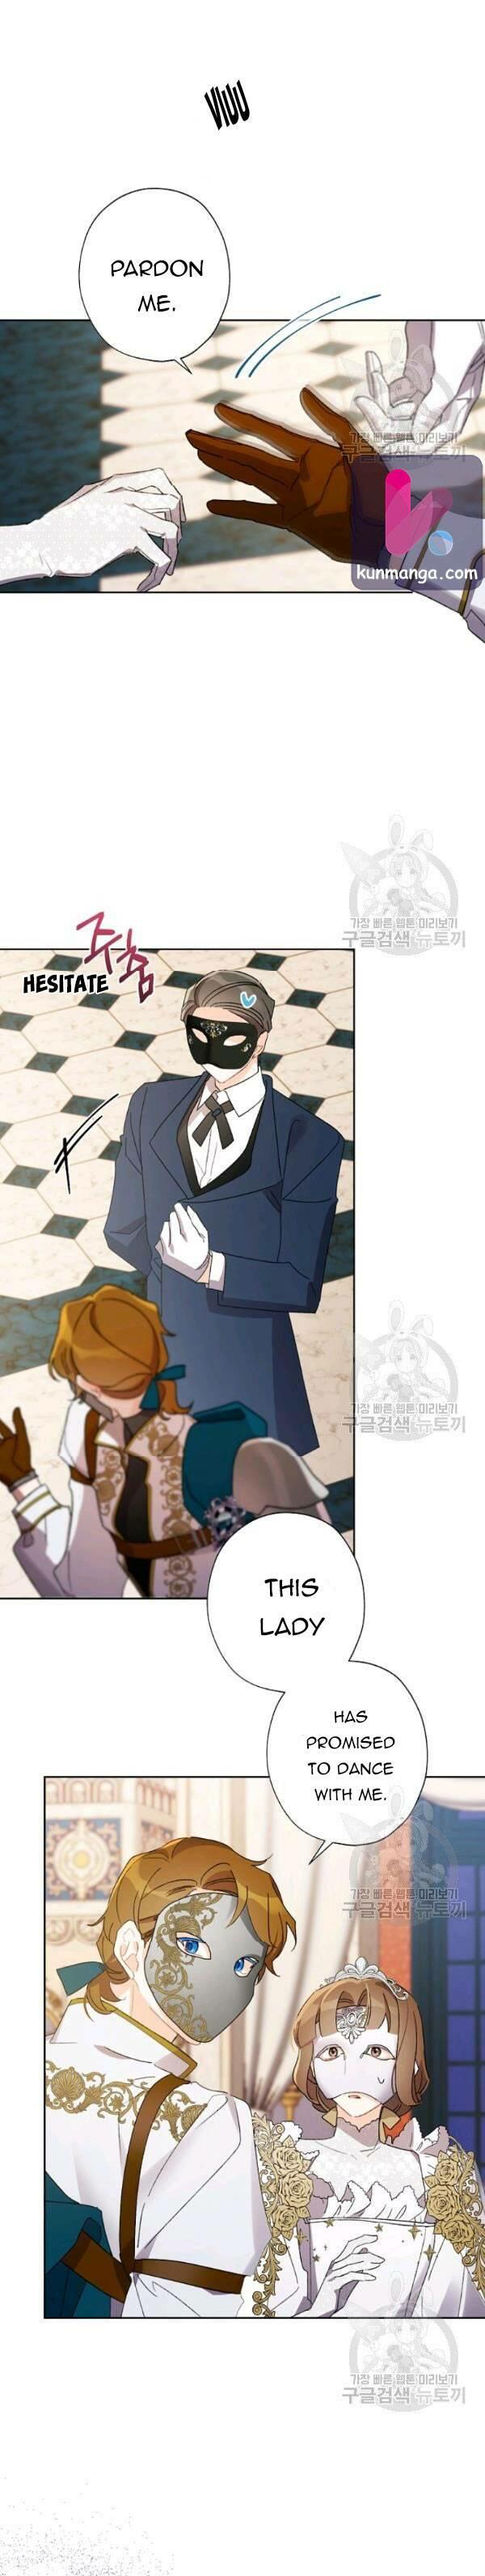 I Raised Cinderella Preciously Chapter 41.5 page 5 - Mangakakalots.com